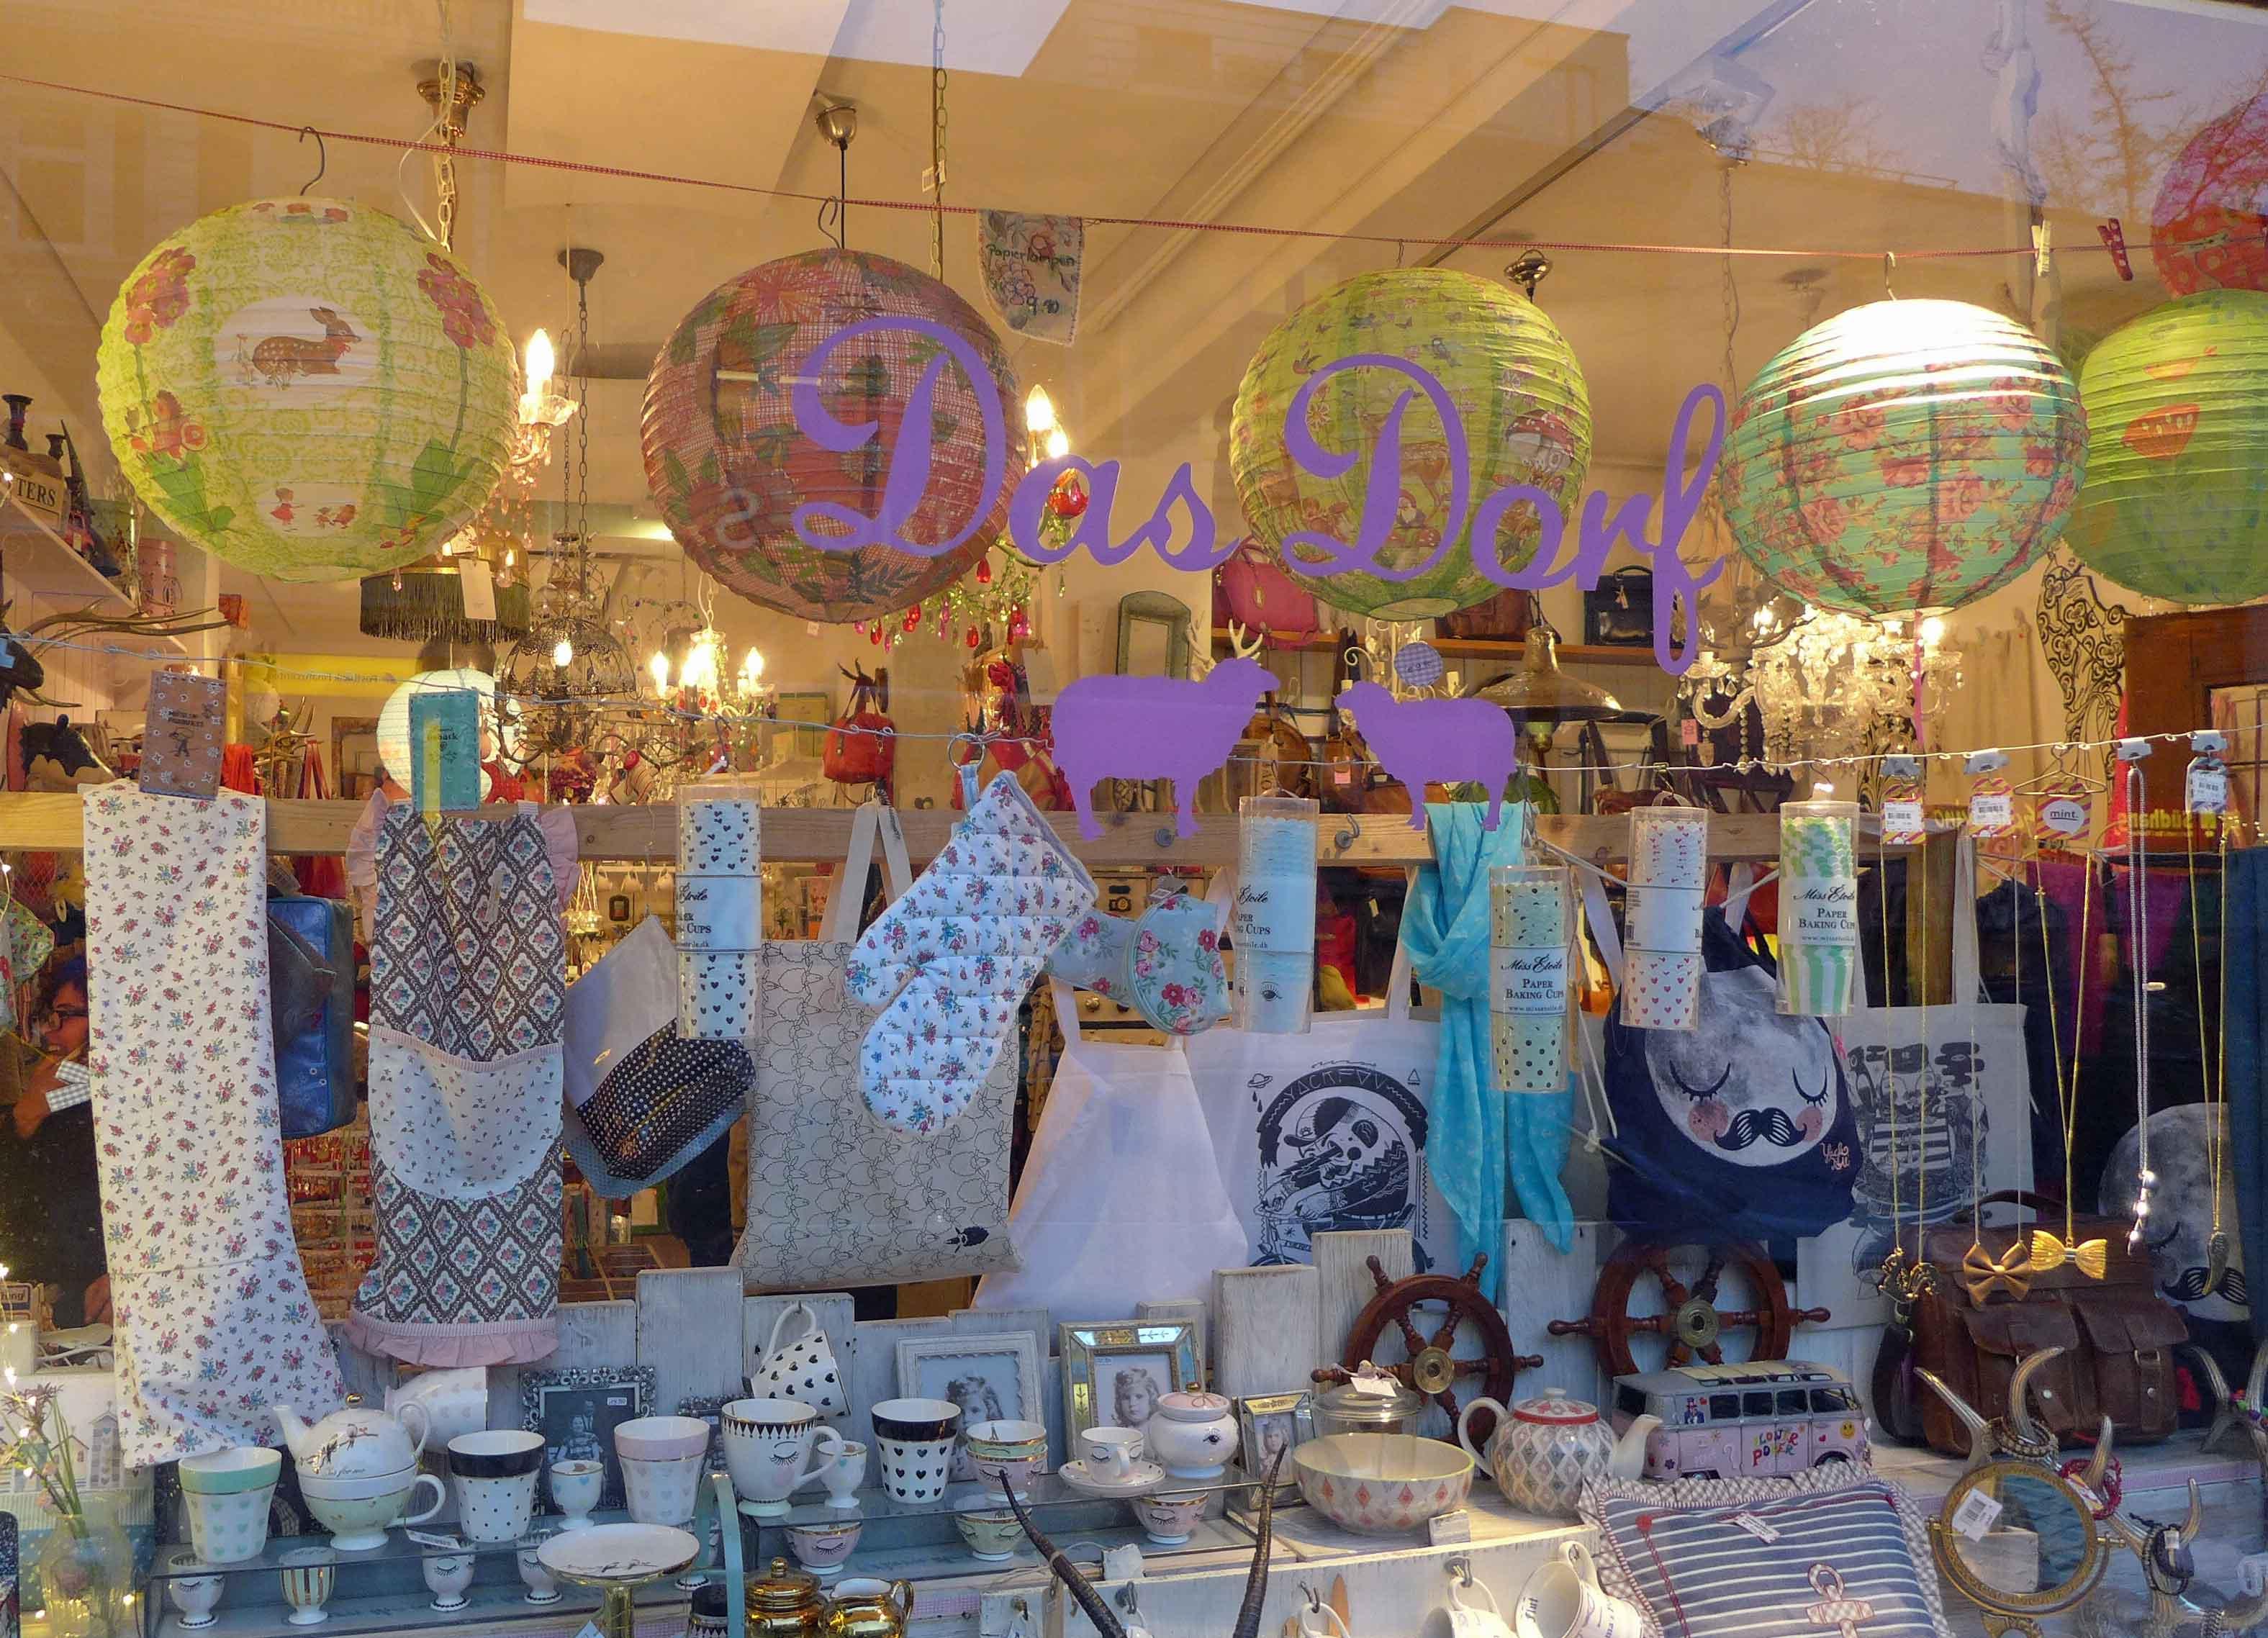 Schaufenster mit bunten Lampions, Trockentüchern und schönem Schnickschnack